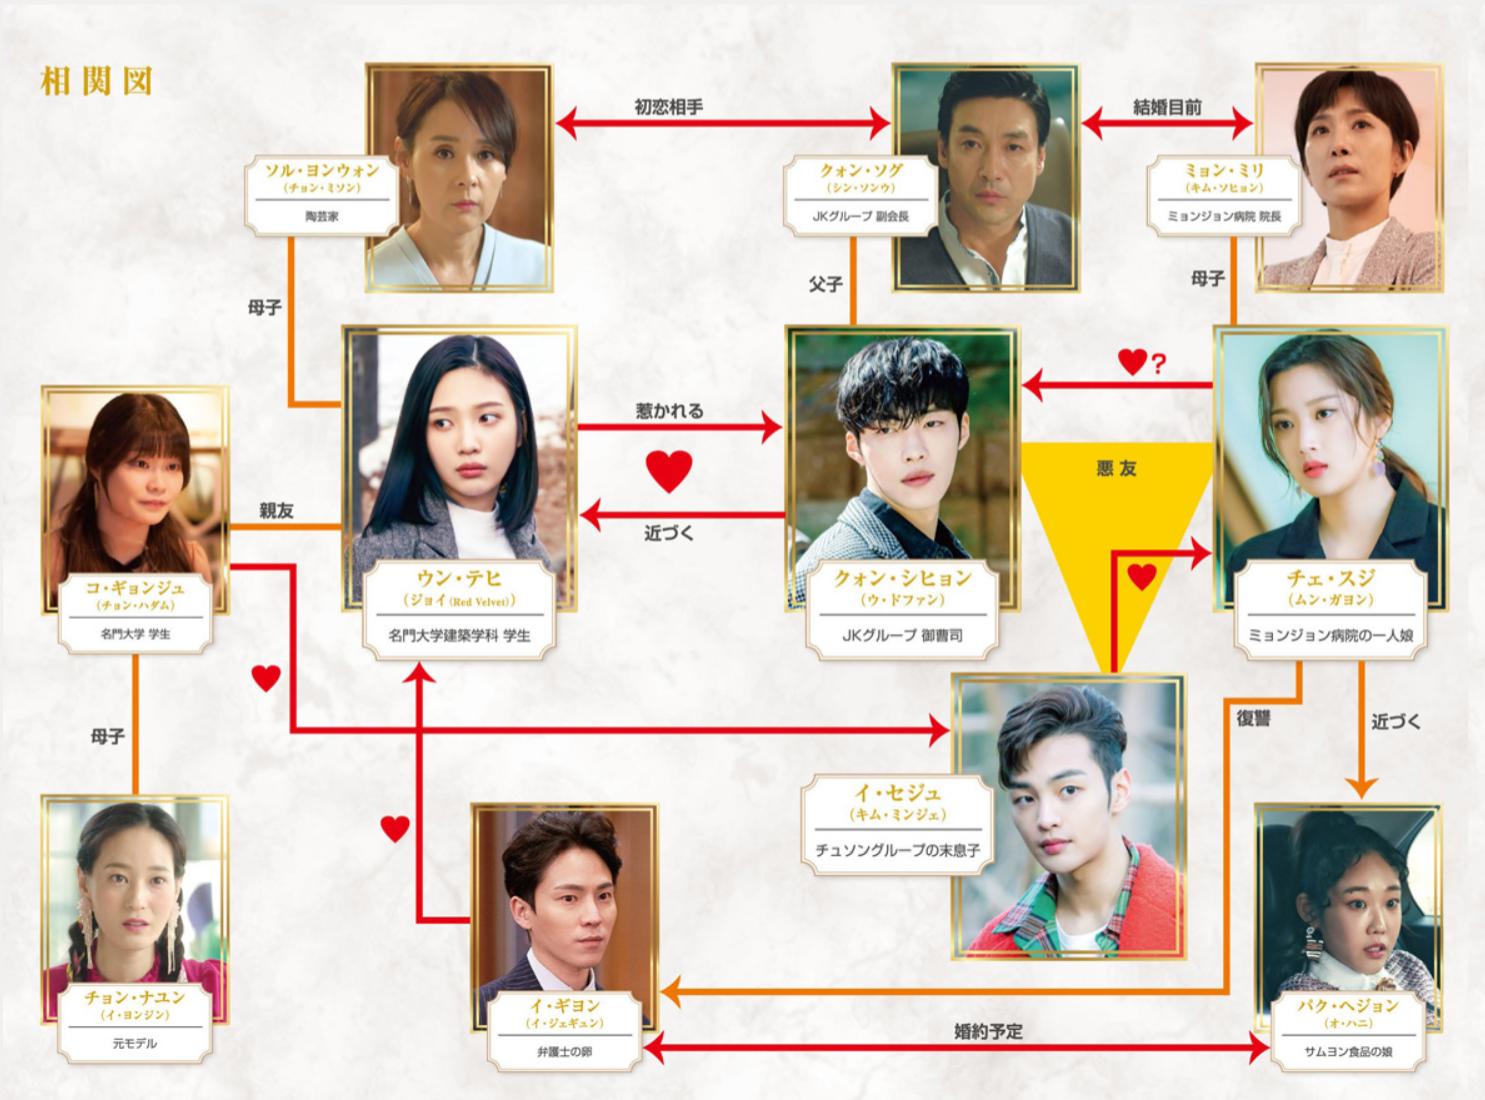 韓国ドラマ『偉大な誘惑者』登場人物相関図(関係図)